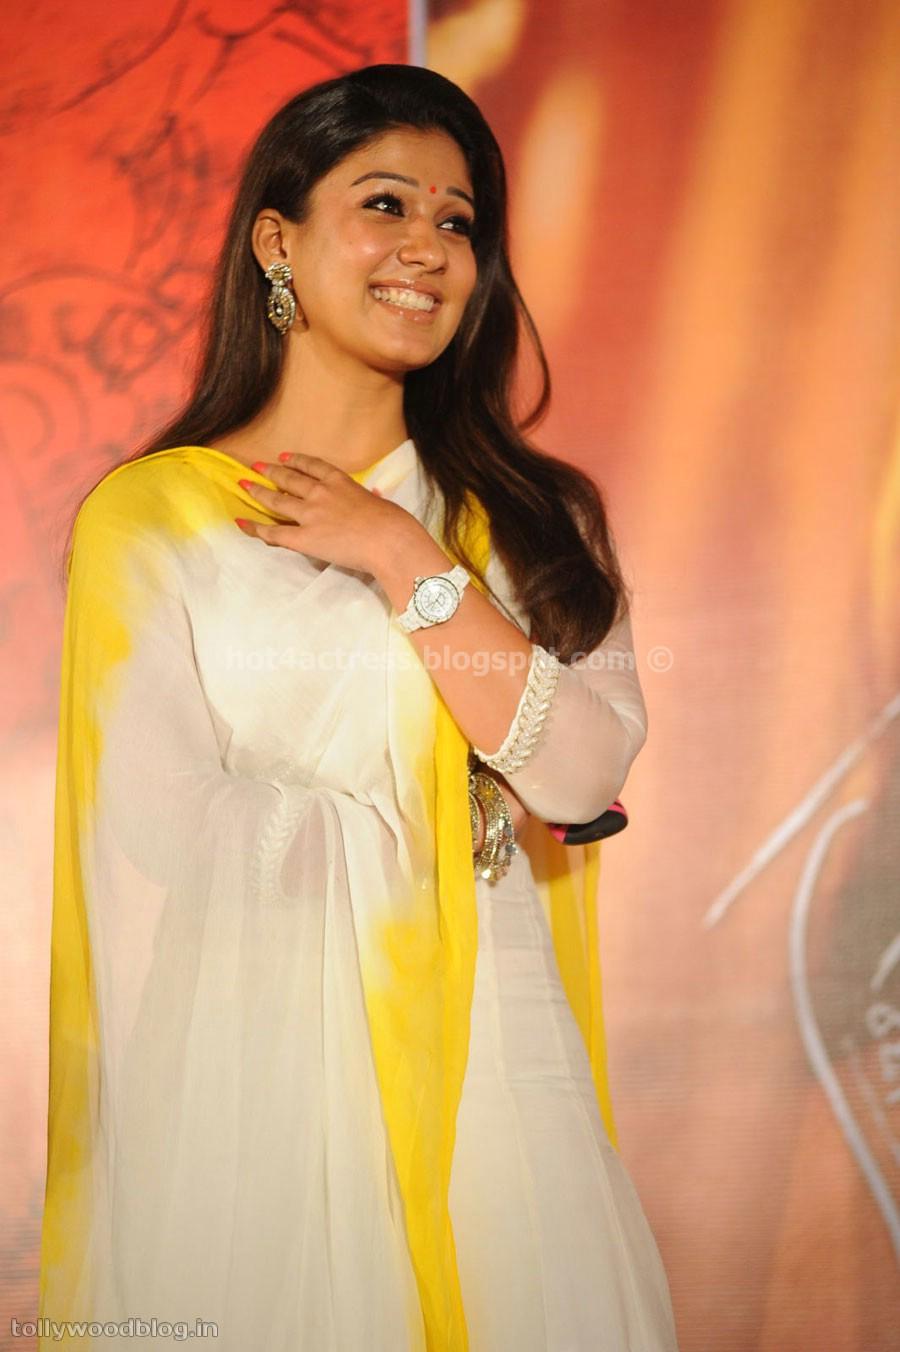 Nayantara cute smile picturs